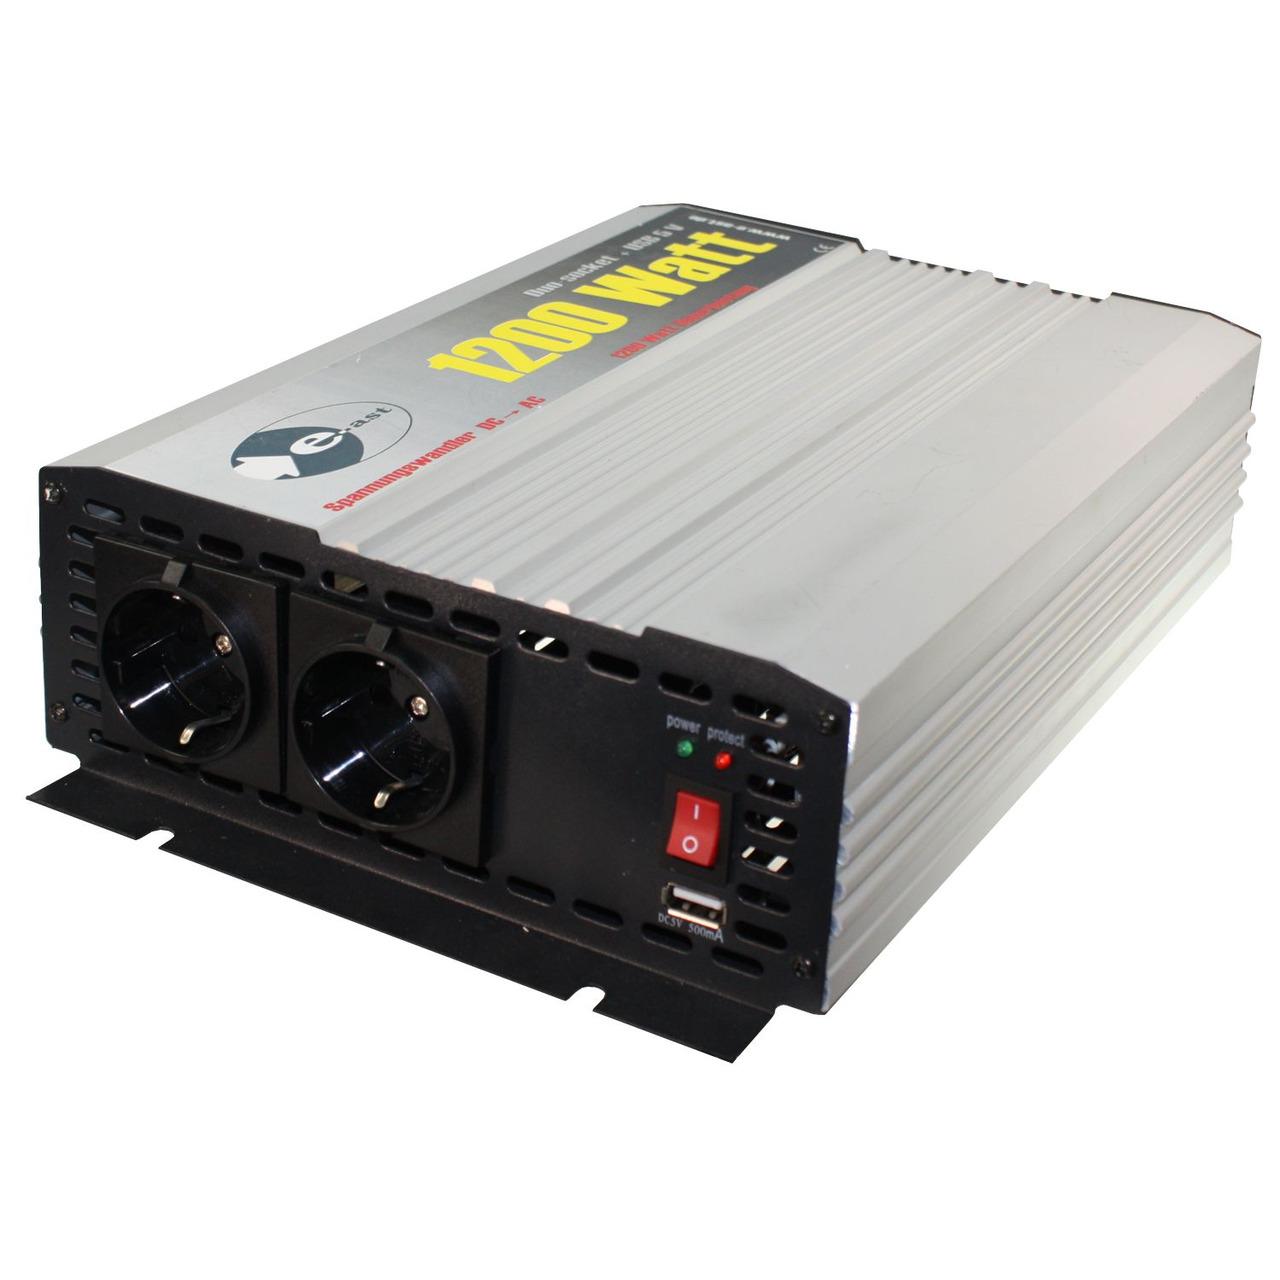 heicko Wechselrichter HighPower HPL1200-D-12 12V- 1200 VA